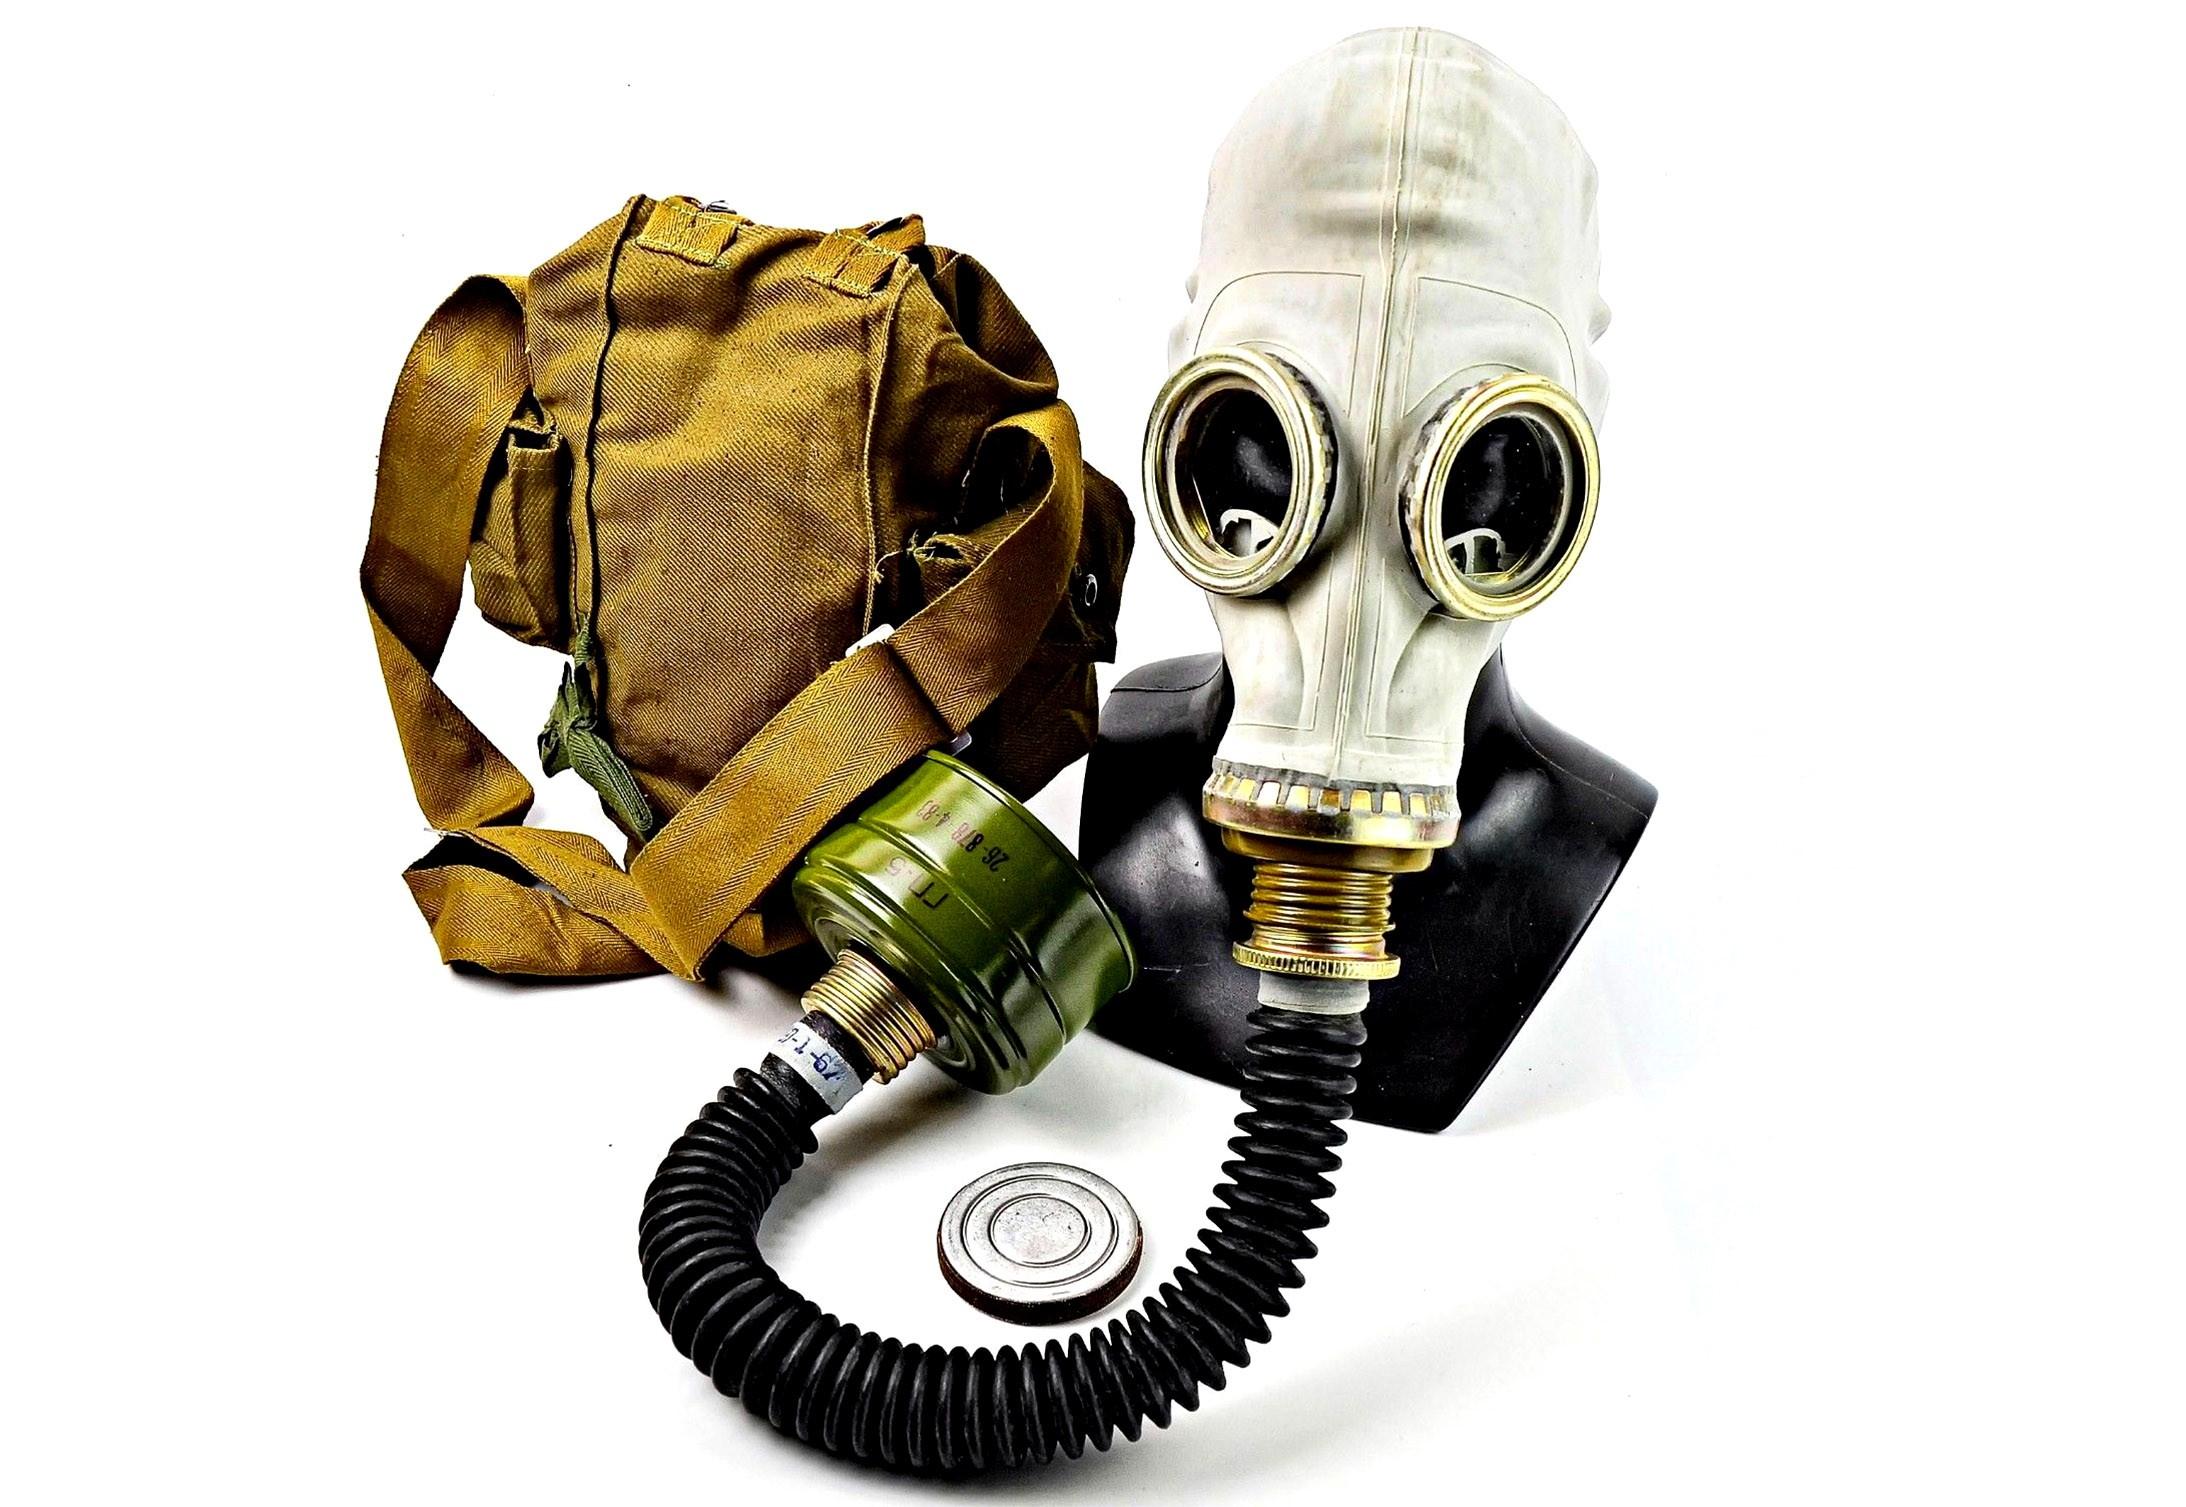 От всех ли газов спасает противогаз?